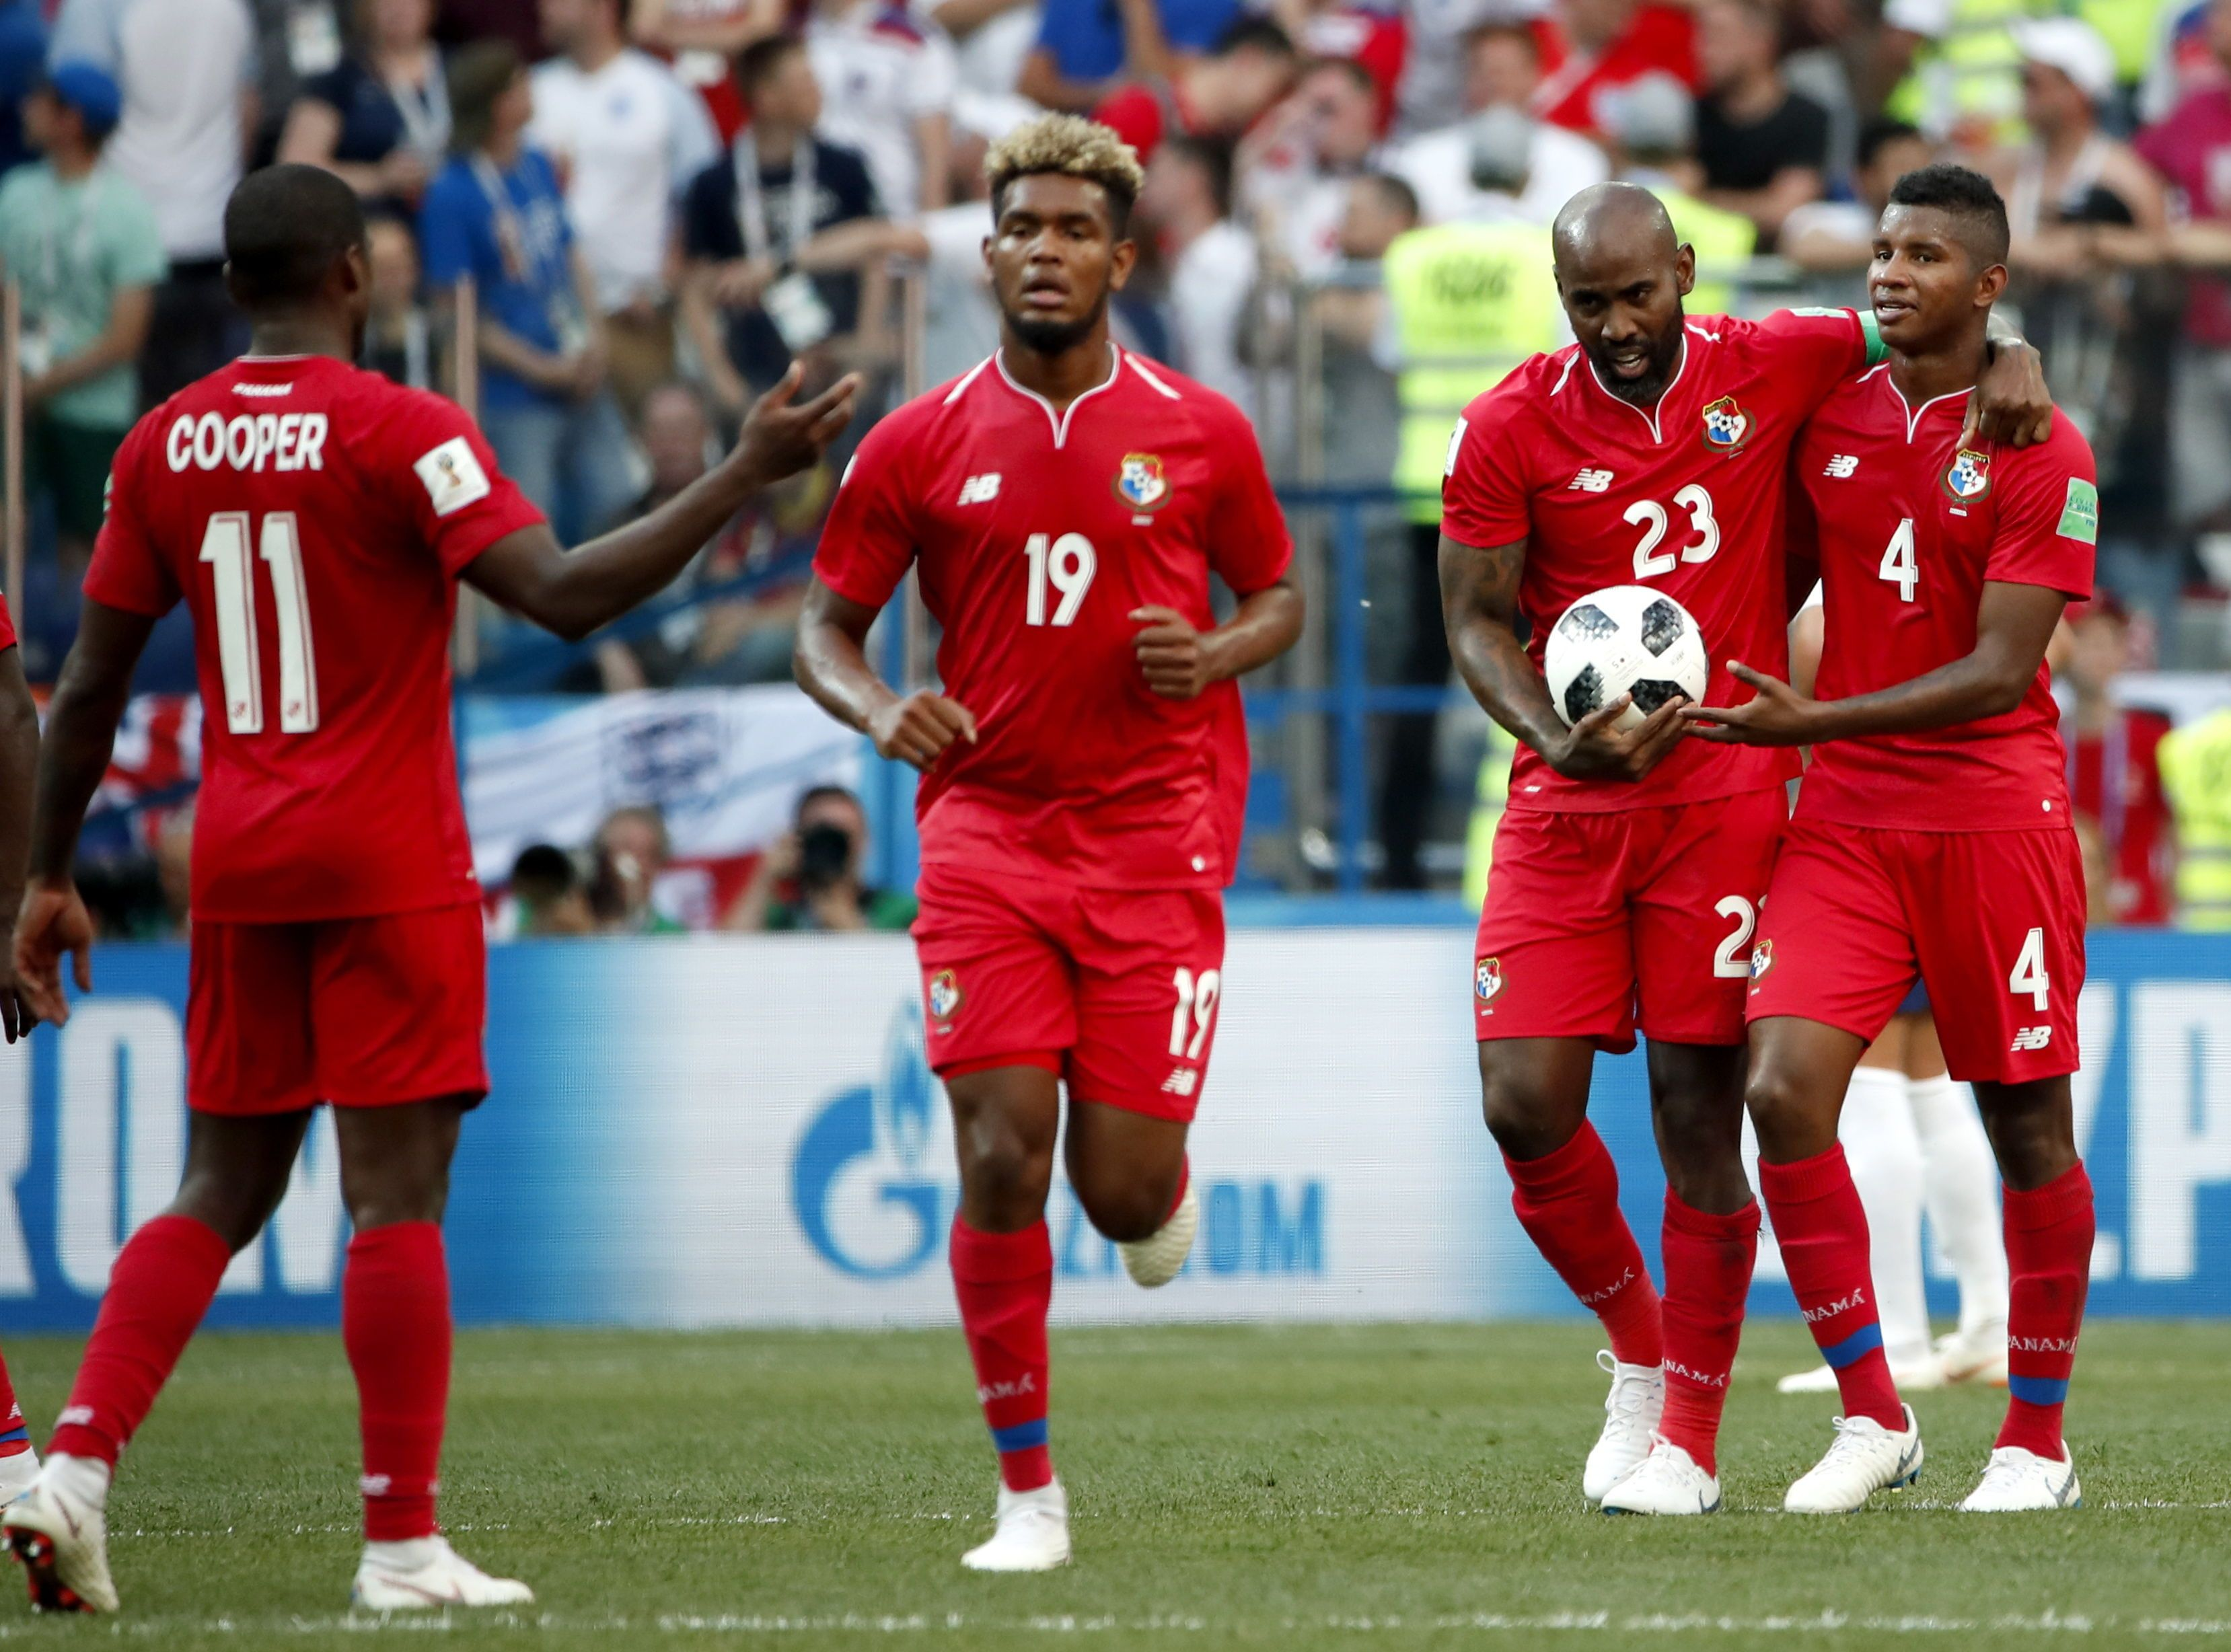 Panamá buscará despedirse con una victoria. Foto: EFE